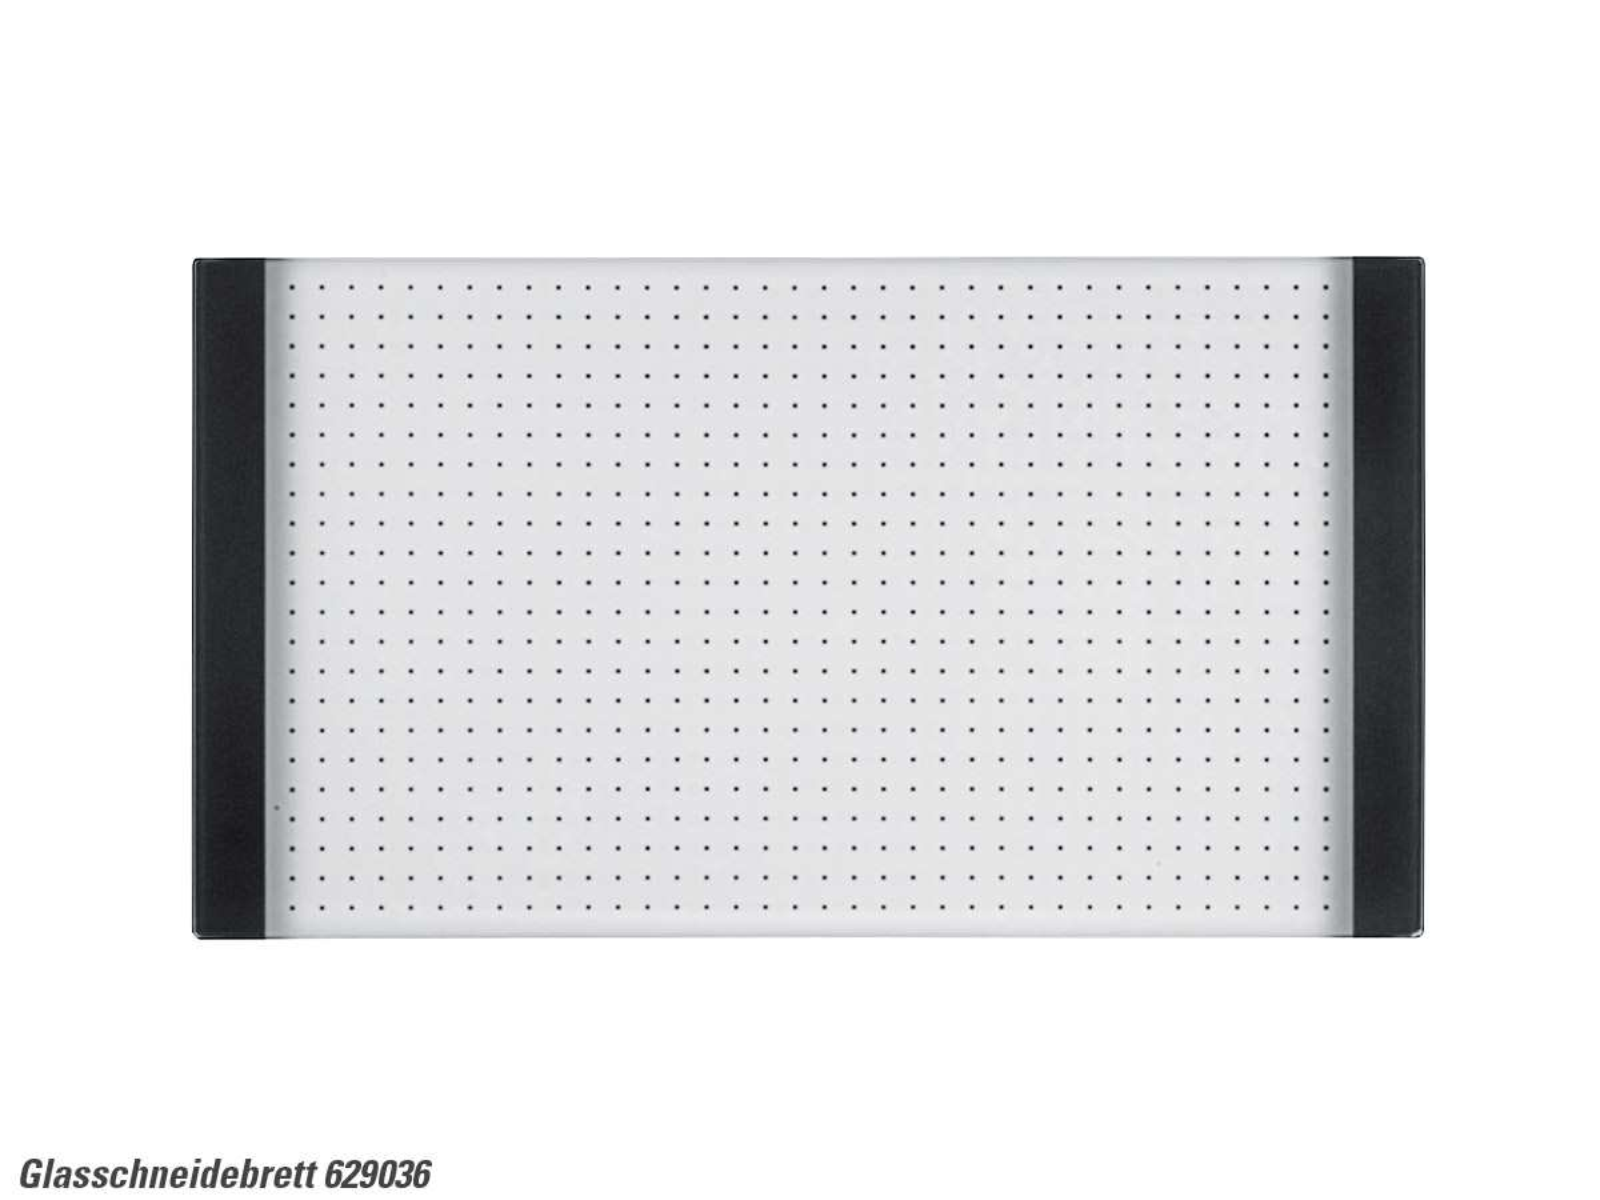 Schock 629036 Glasschneidebrett